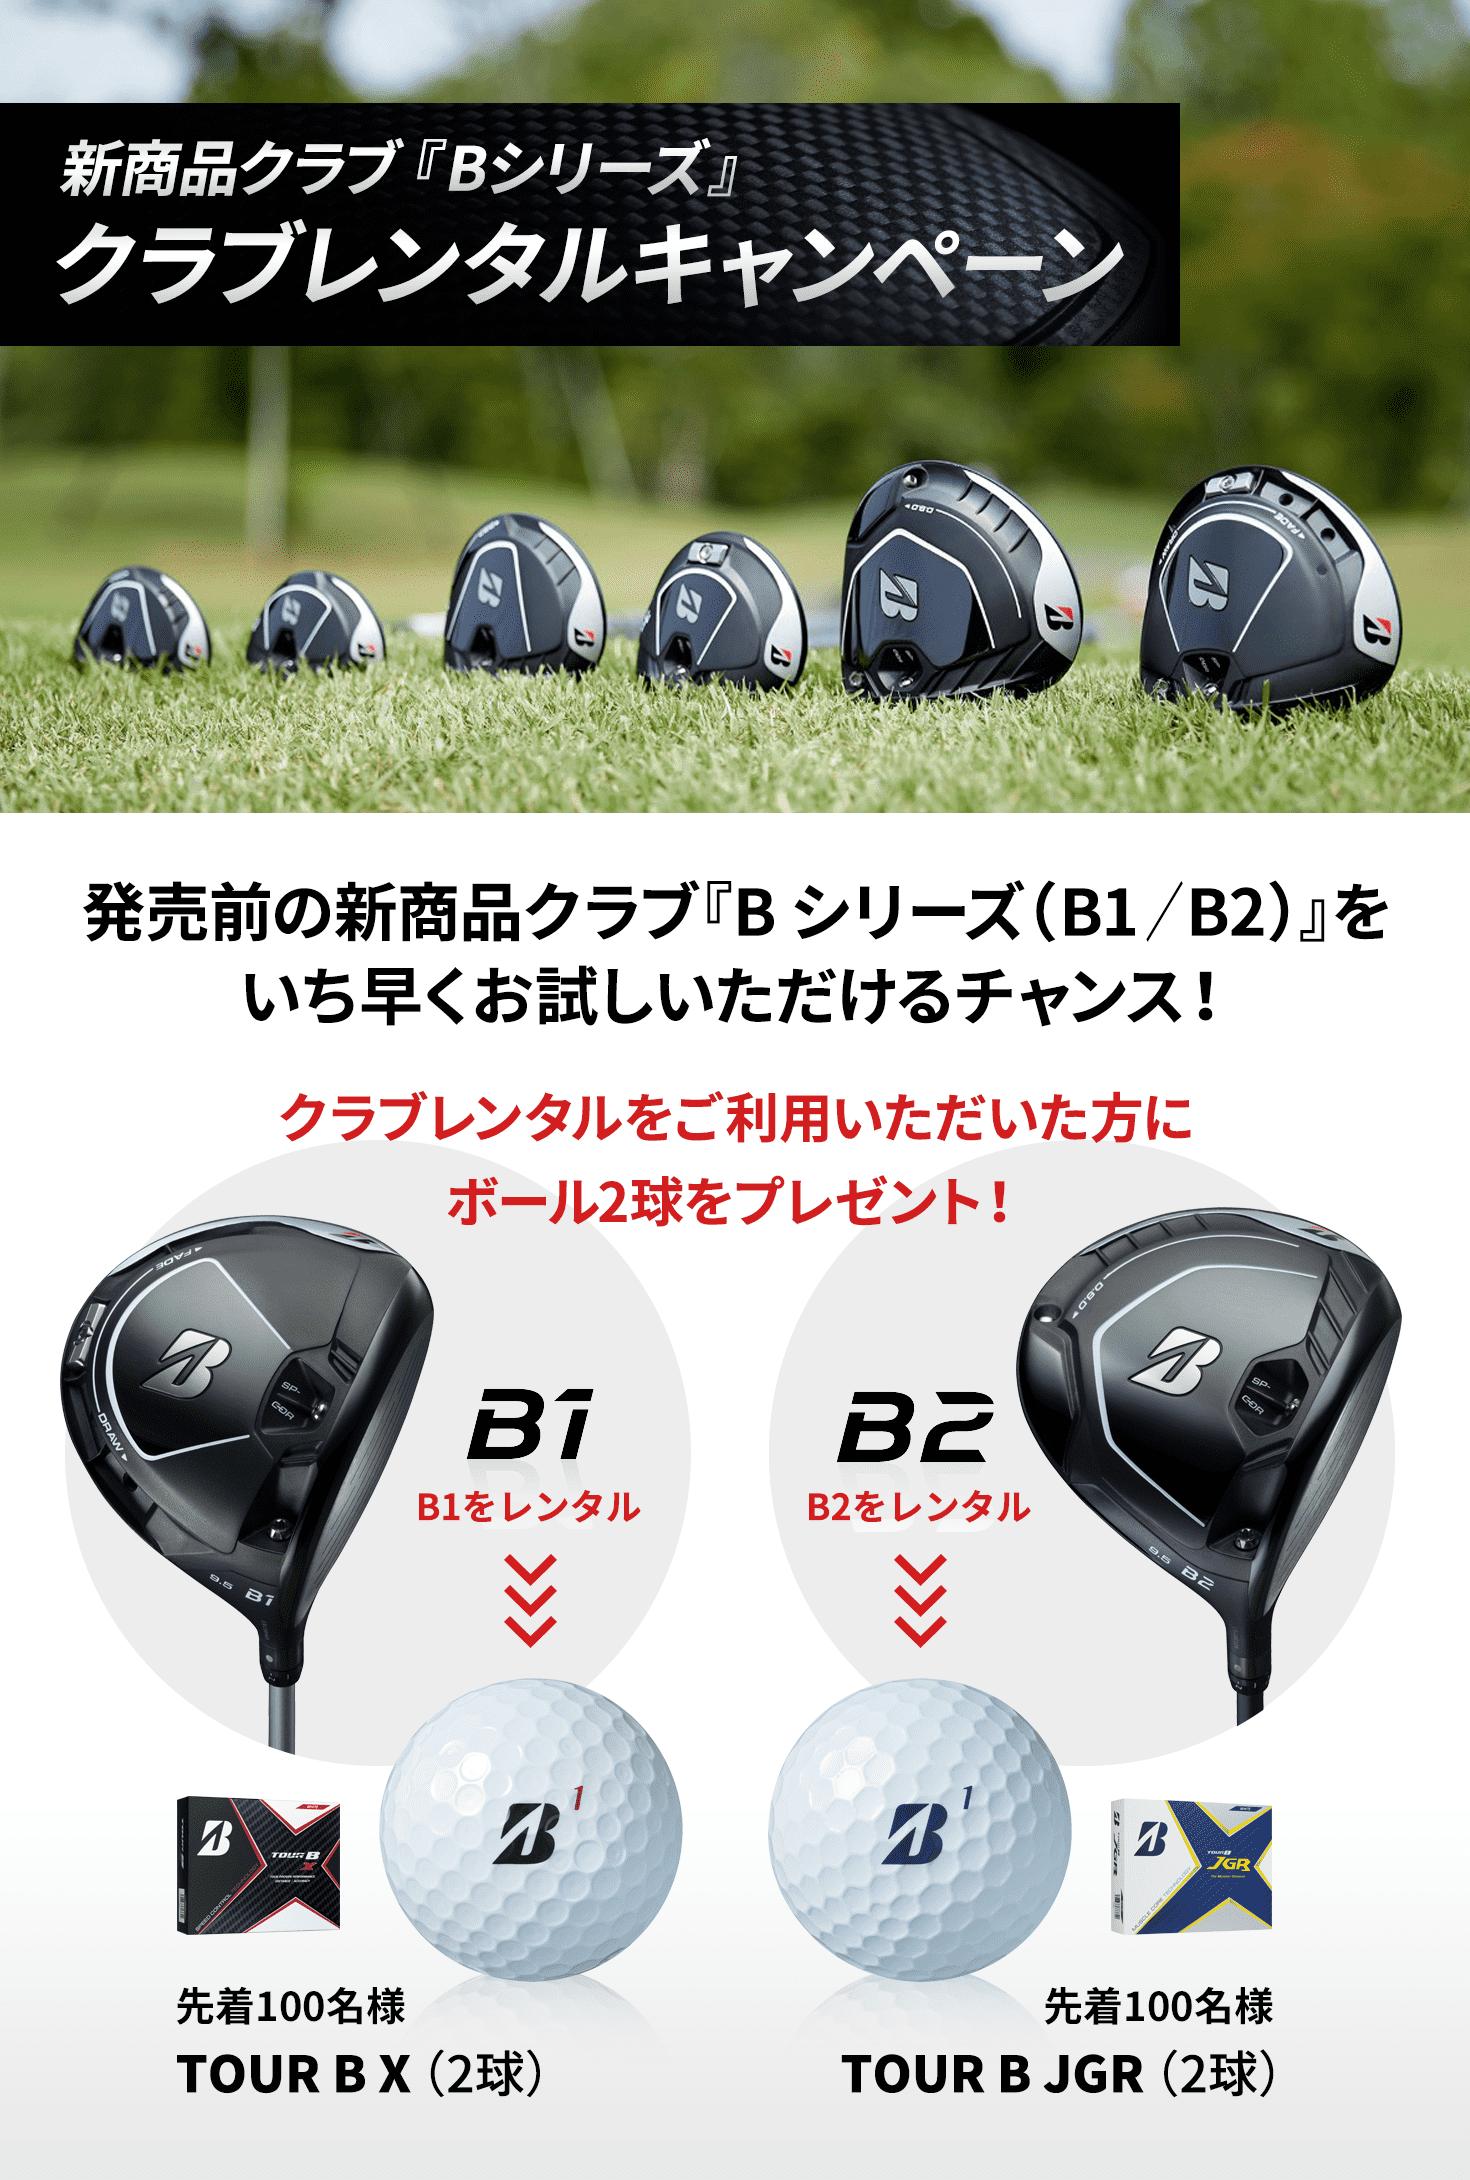 新商品クラブ『Bシリーズ』クラブレンタルキャンペーン